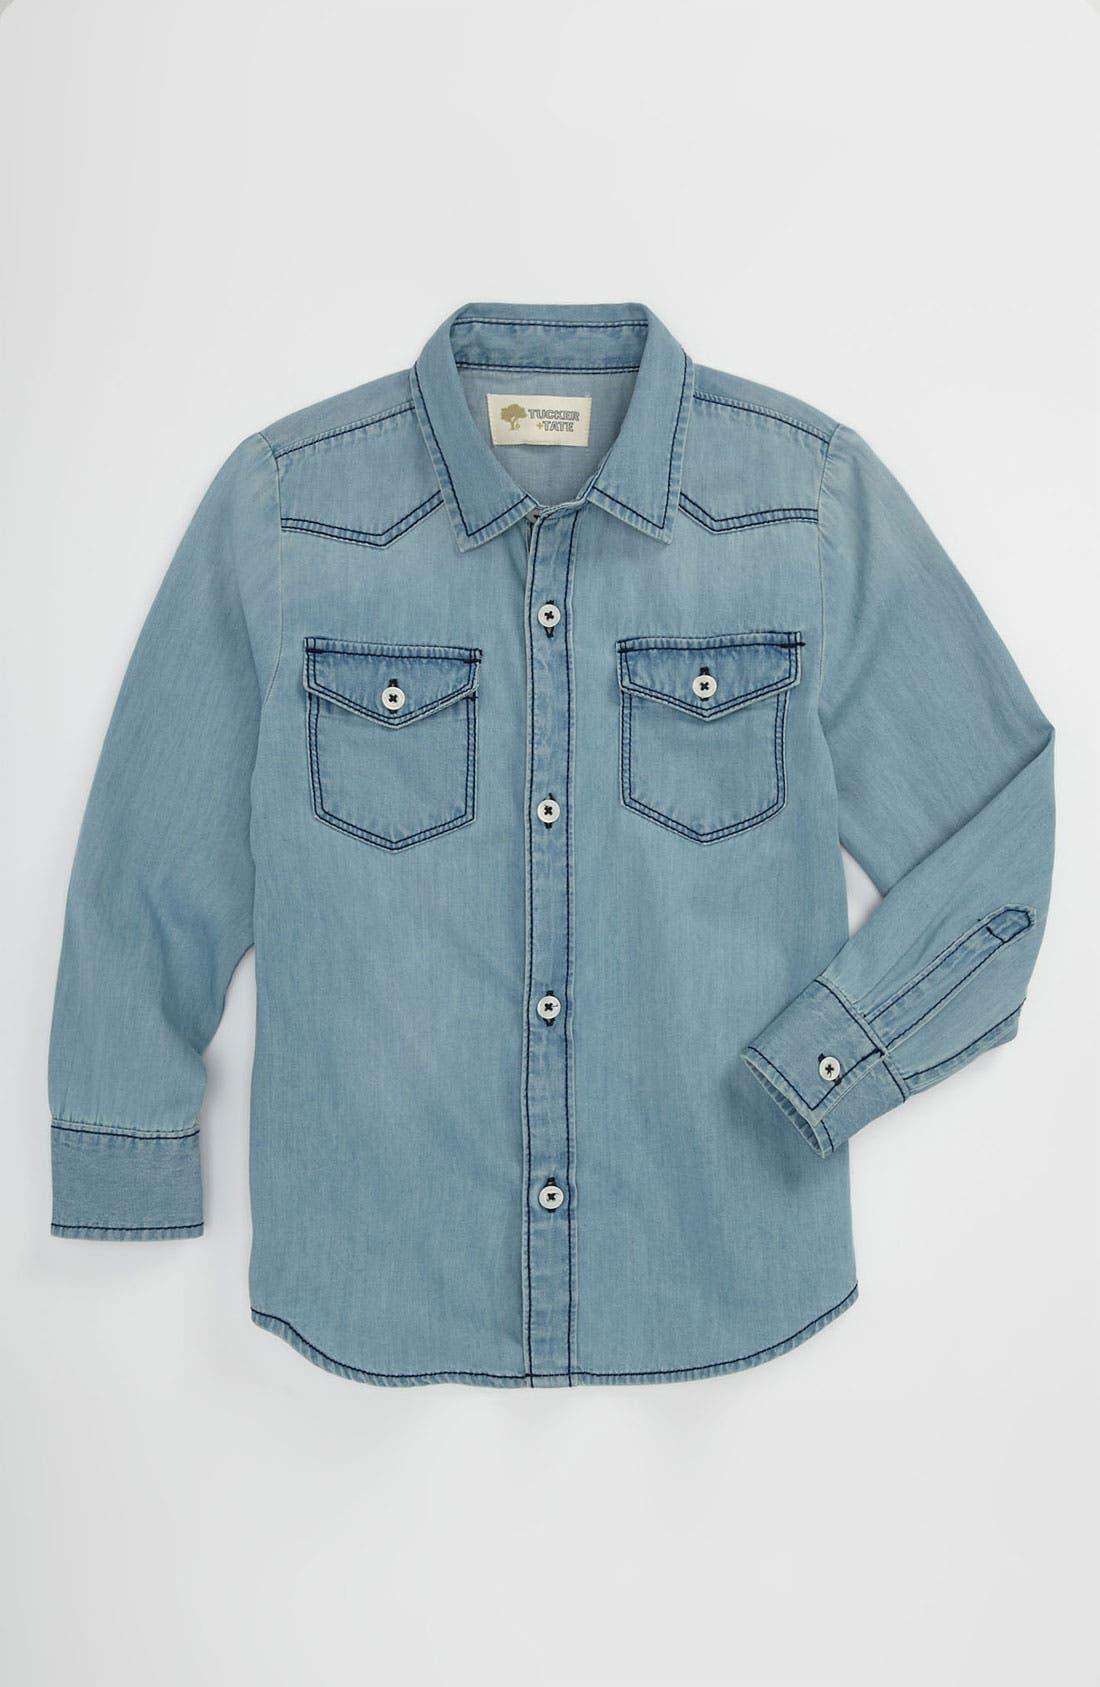 Alternate Image 1 Selected - Tucker + Tate 'Benson' Denim Shirt (Little Boys)